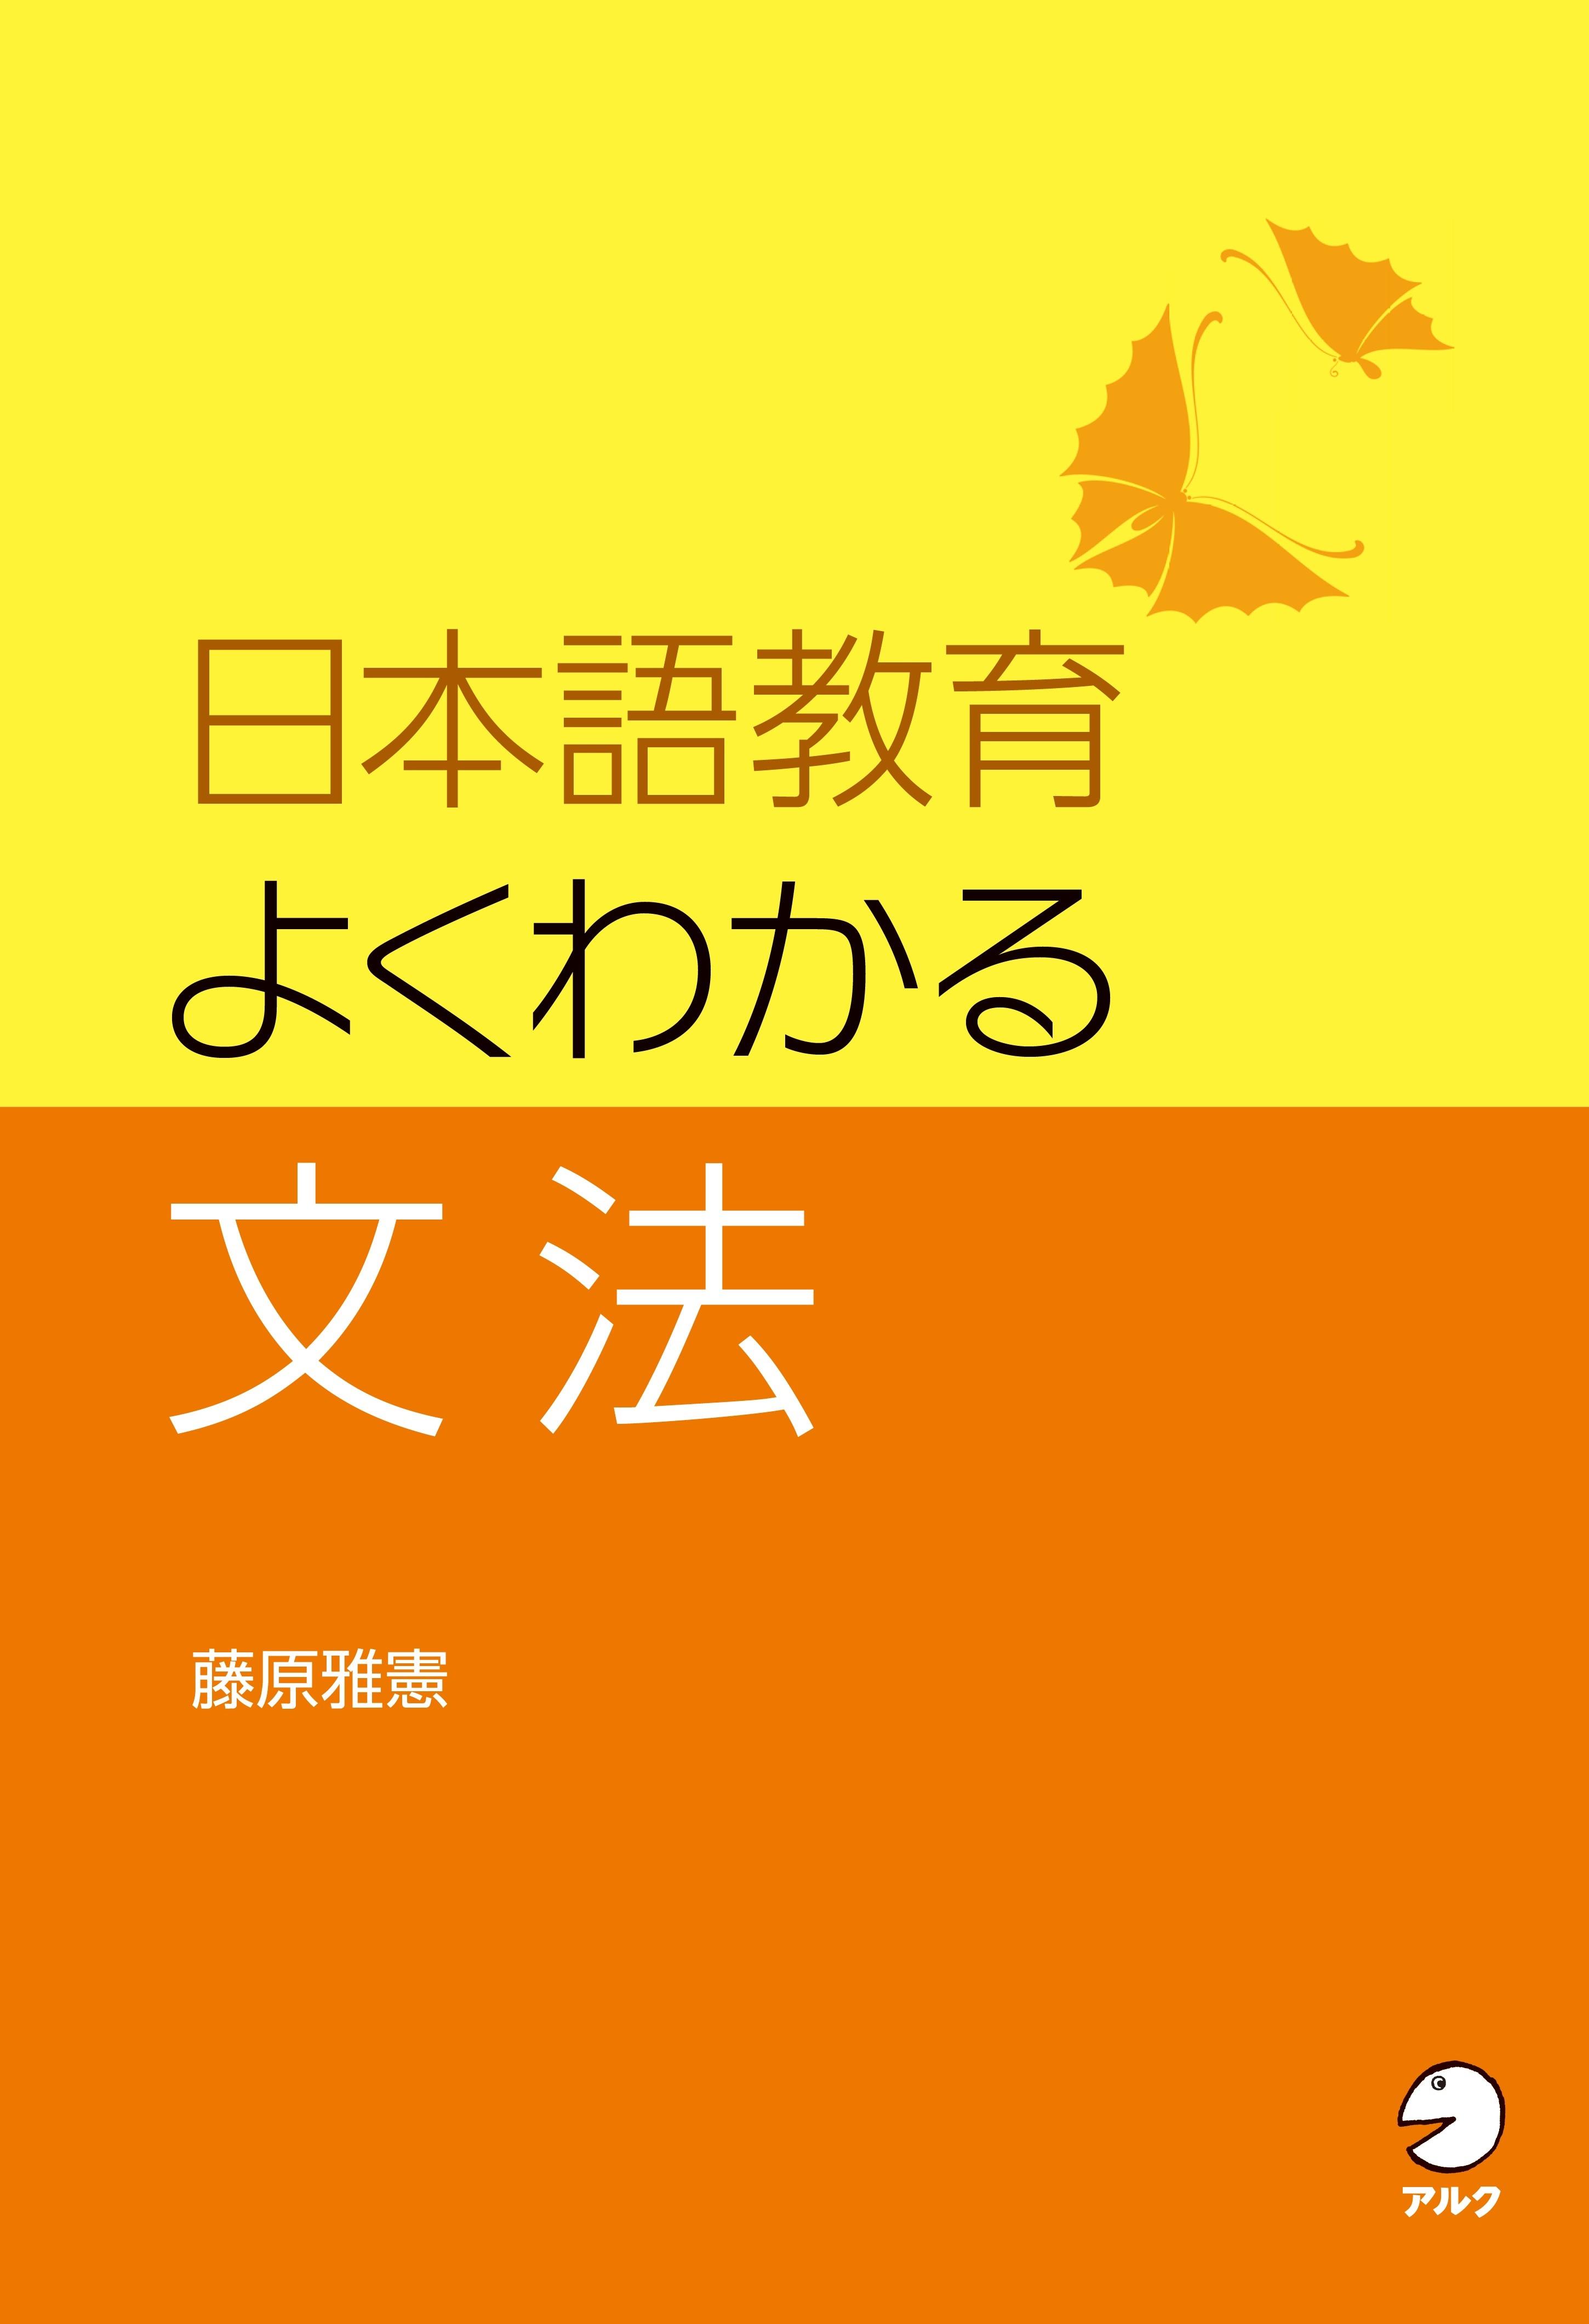 日本語教育 よくわかる文法画像